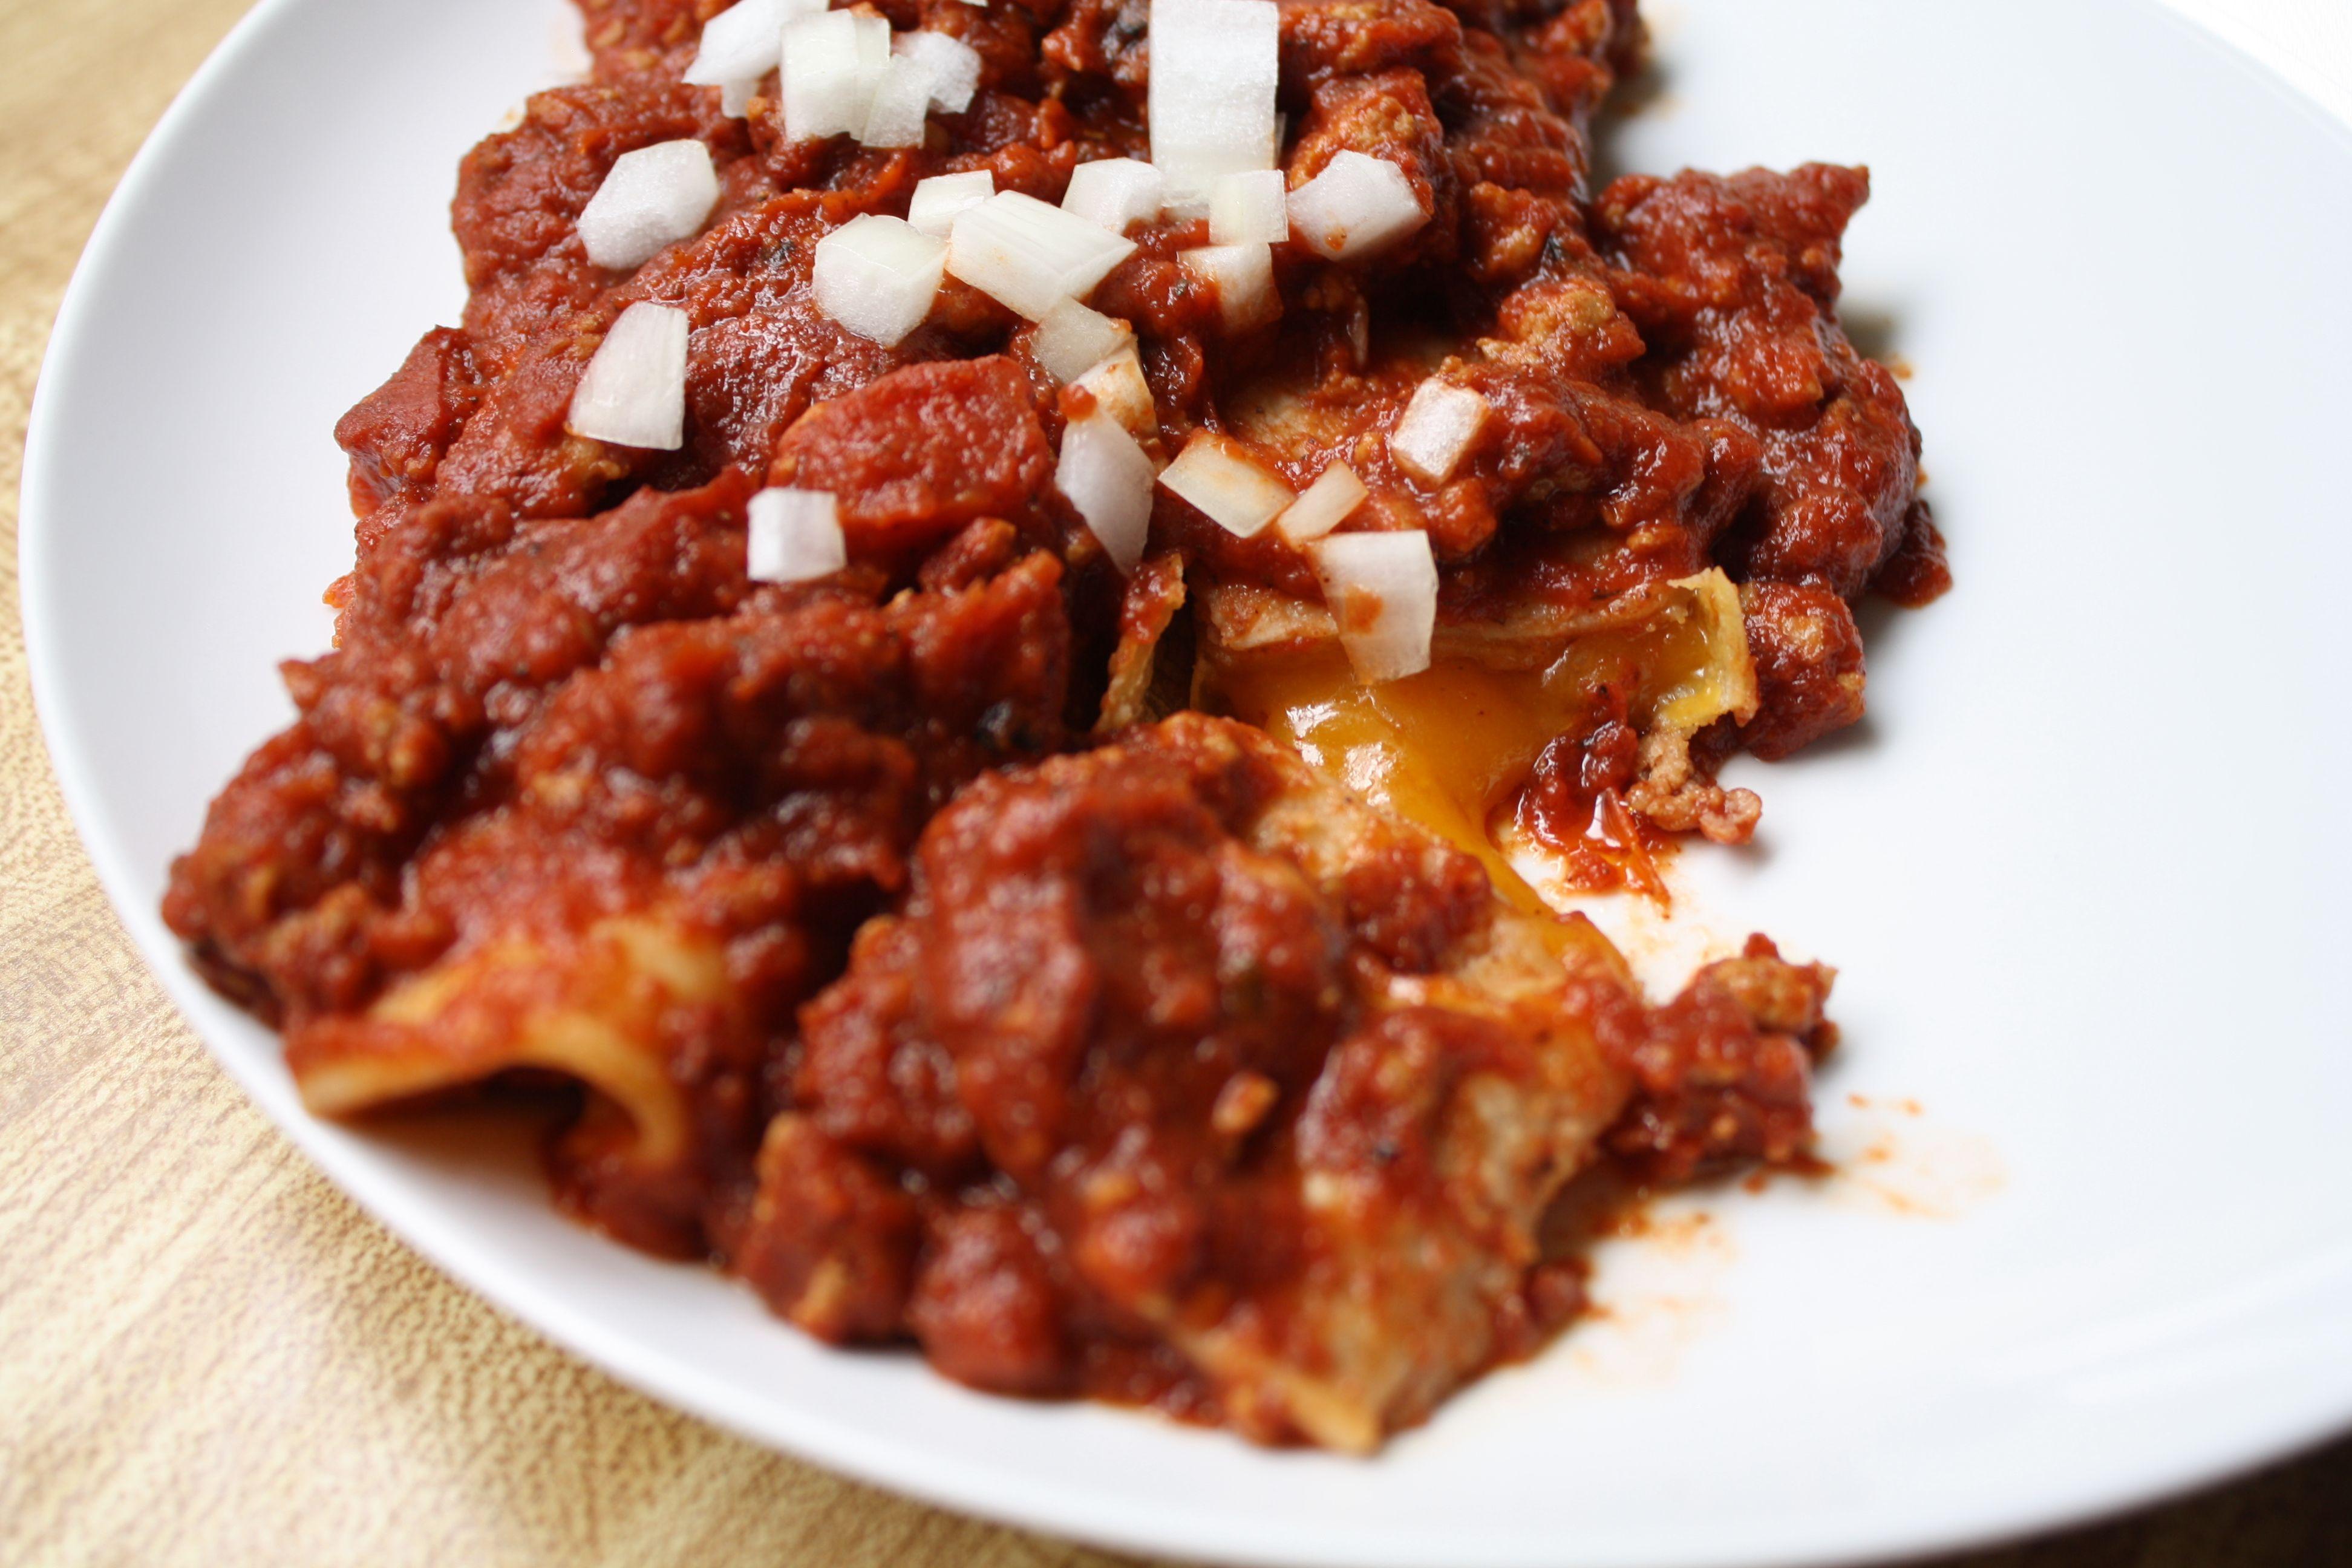 chili con carne cheese enchiladas